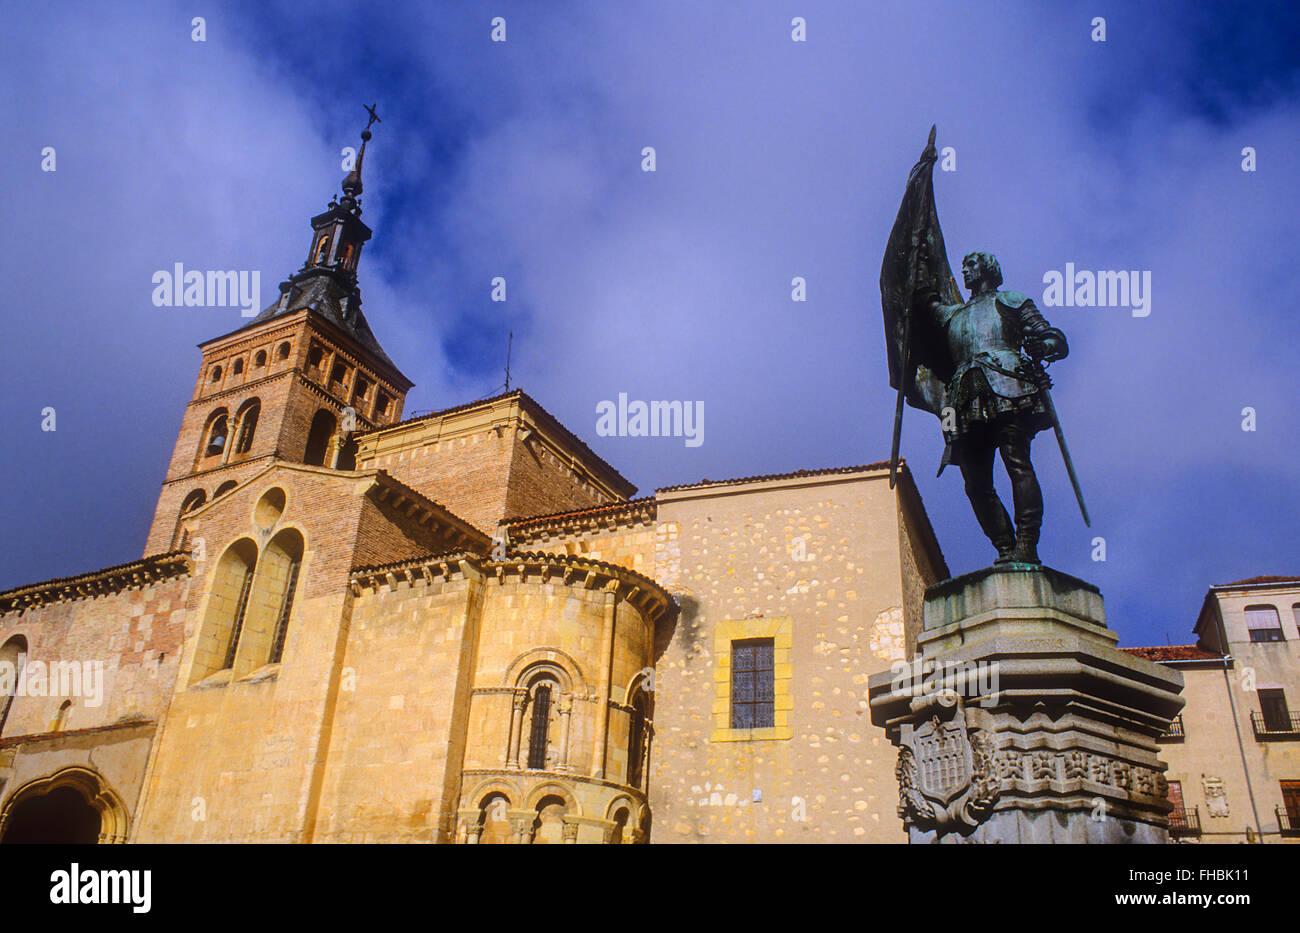 Plaza de Medina del Campo,with monument to Juan Bravo and San Martín church, Segovia, Castilla-Leon, Spain - Stock Image